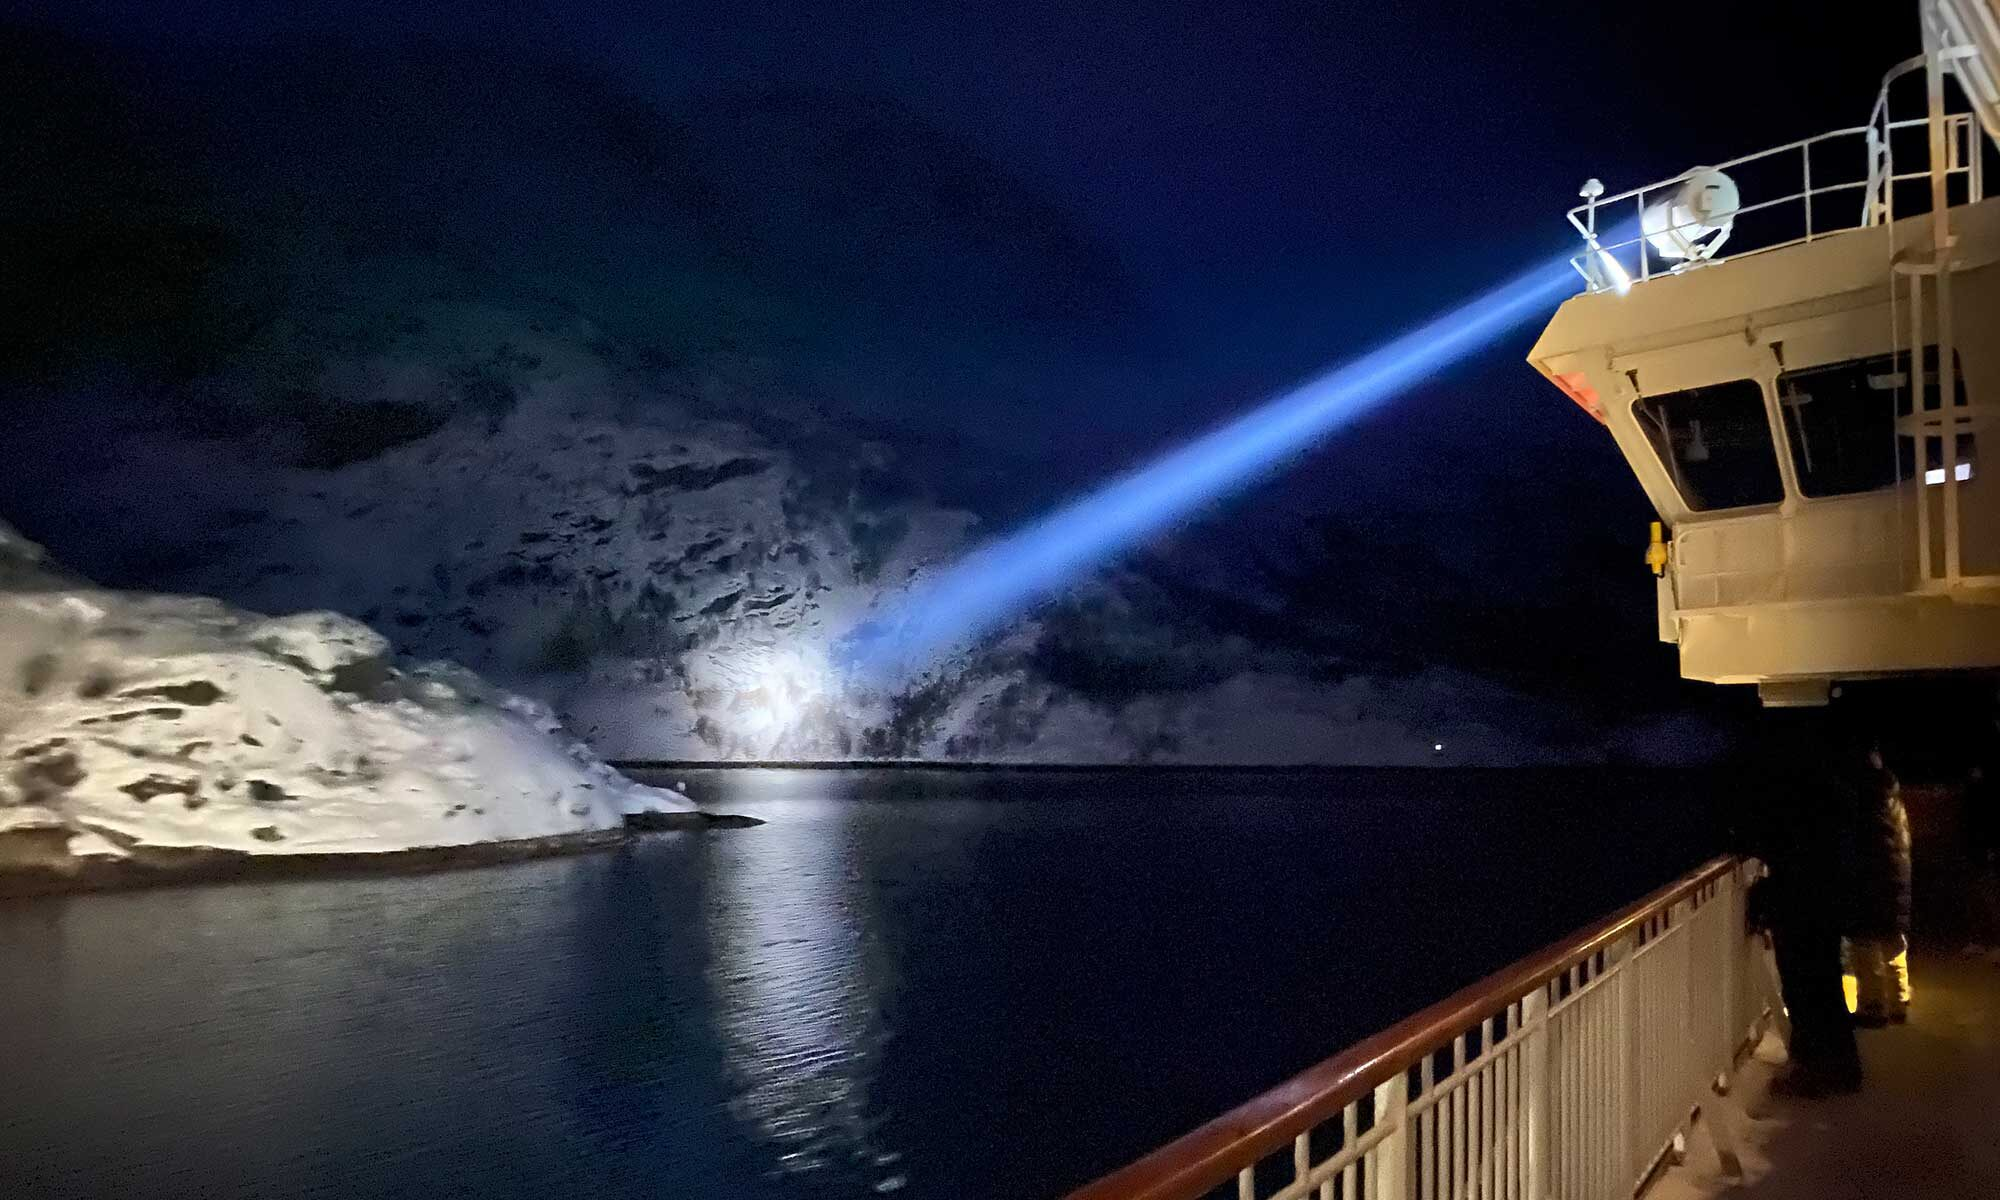 Das Bild zeigt ein Scheinwerferlicht auf den Eingang zum Trollfjord